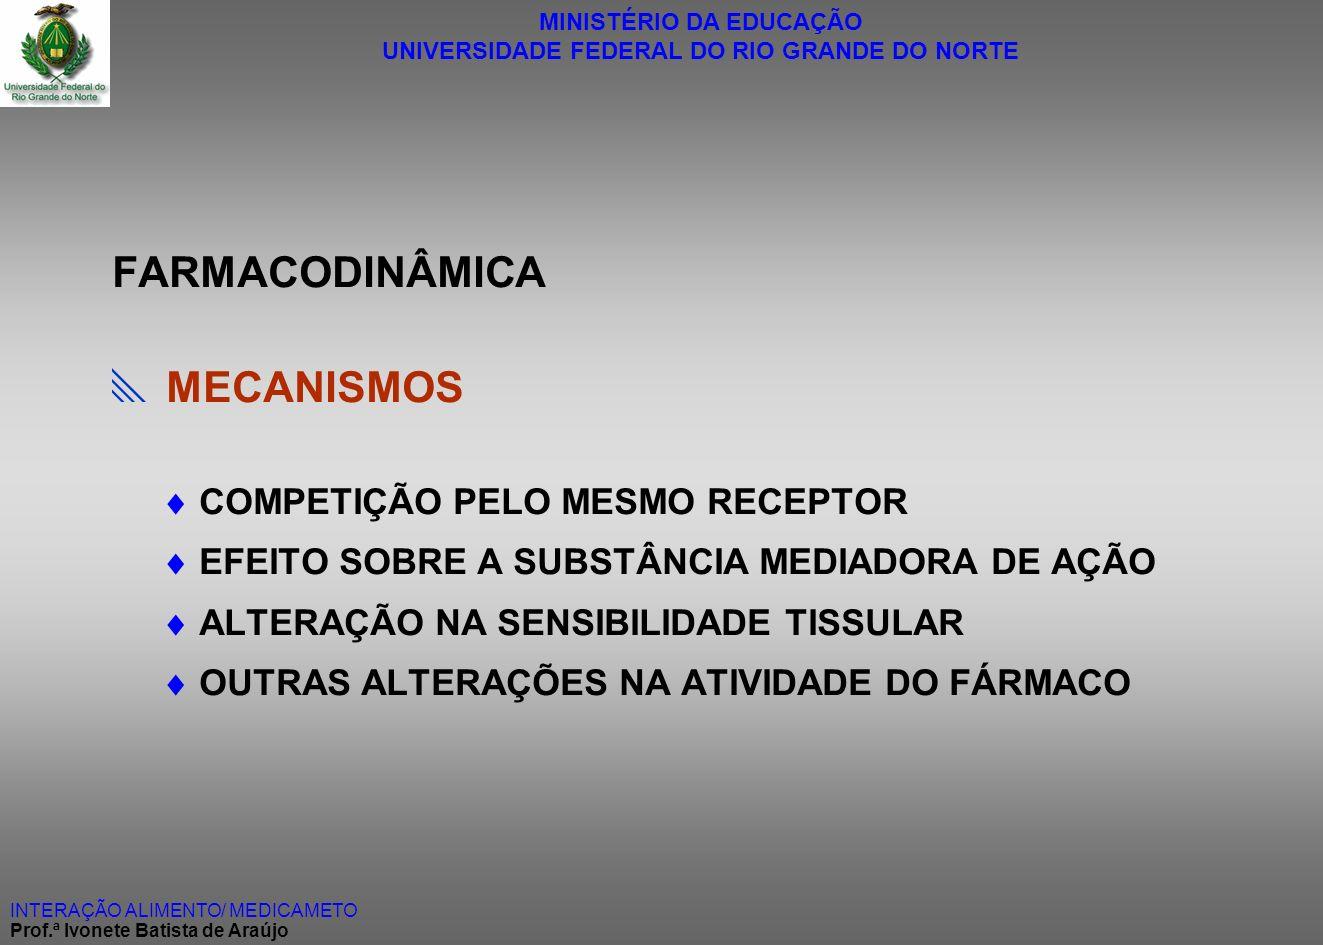 MINISTÉRIO DA EDUCAÇÃO UNIVERSIDADE FEDERAL DO RIO GRANDE DO NORTE INTERAÇÃO ALIMENTO/ MEDICAMETO Prof.ª Ivonete Batista de Araújo FARMACODINÂMICA MEC